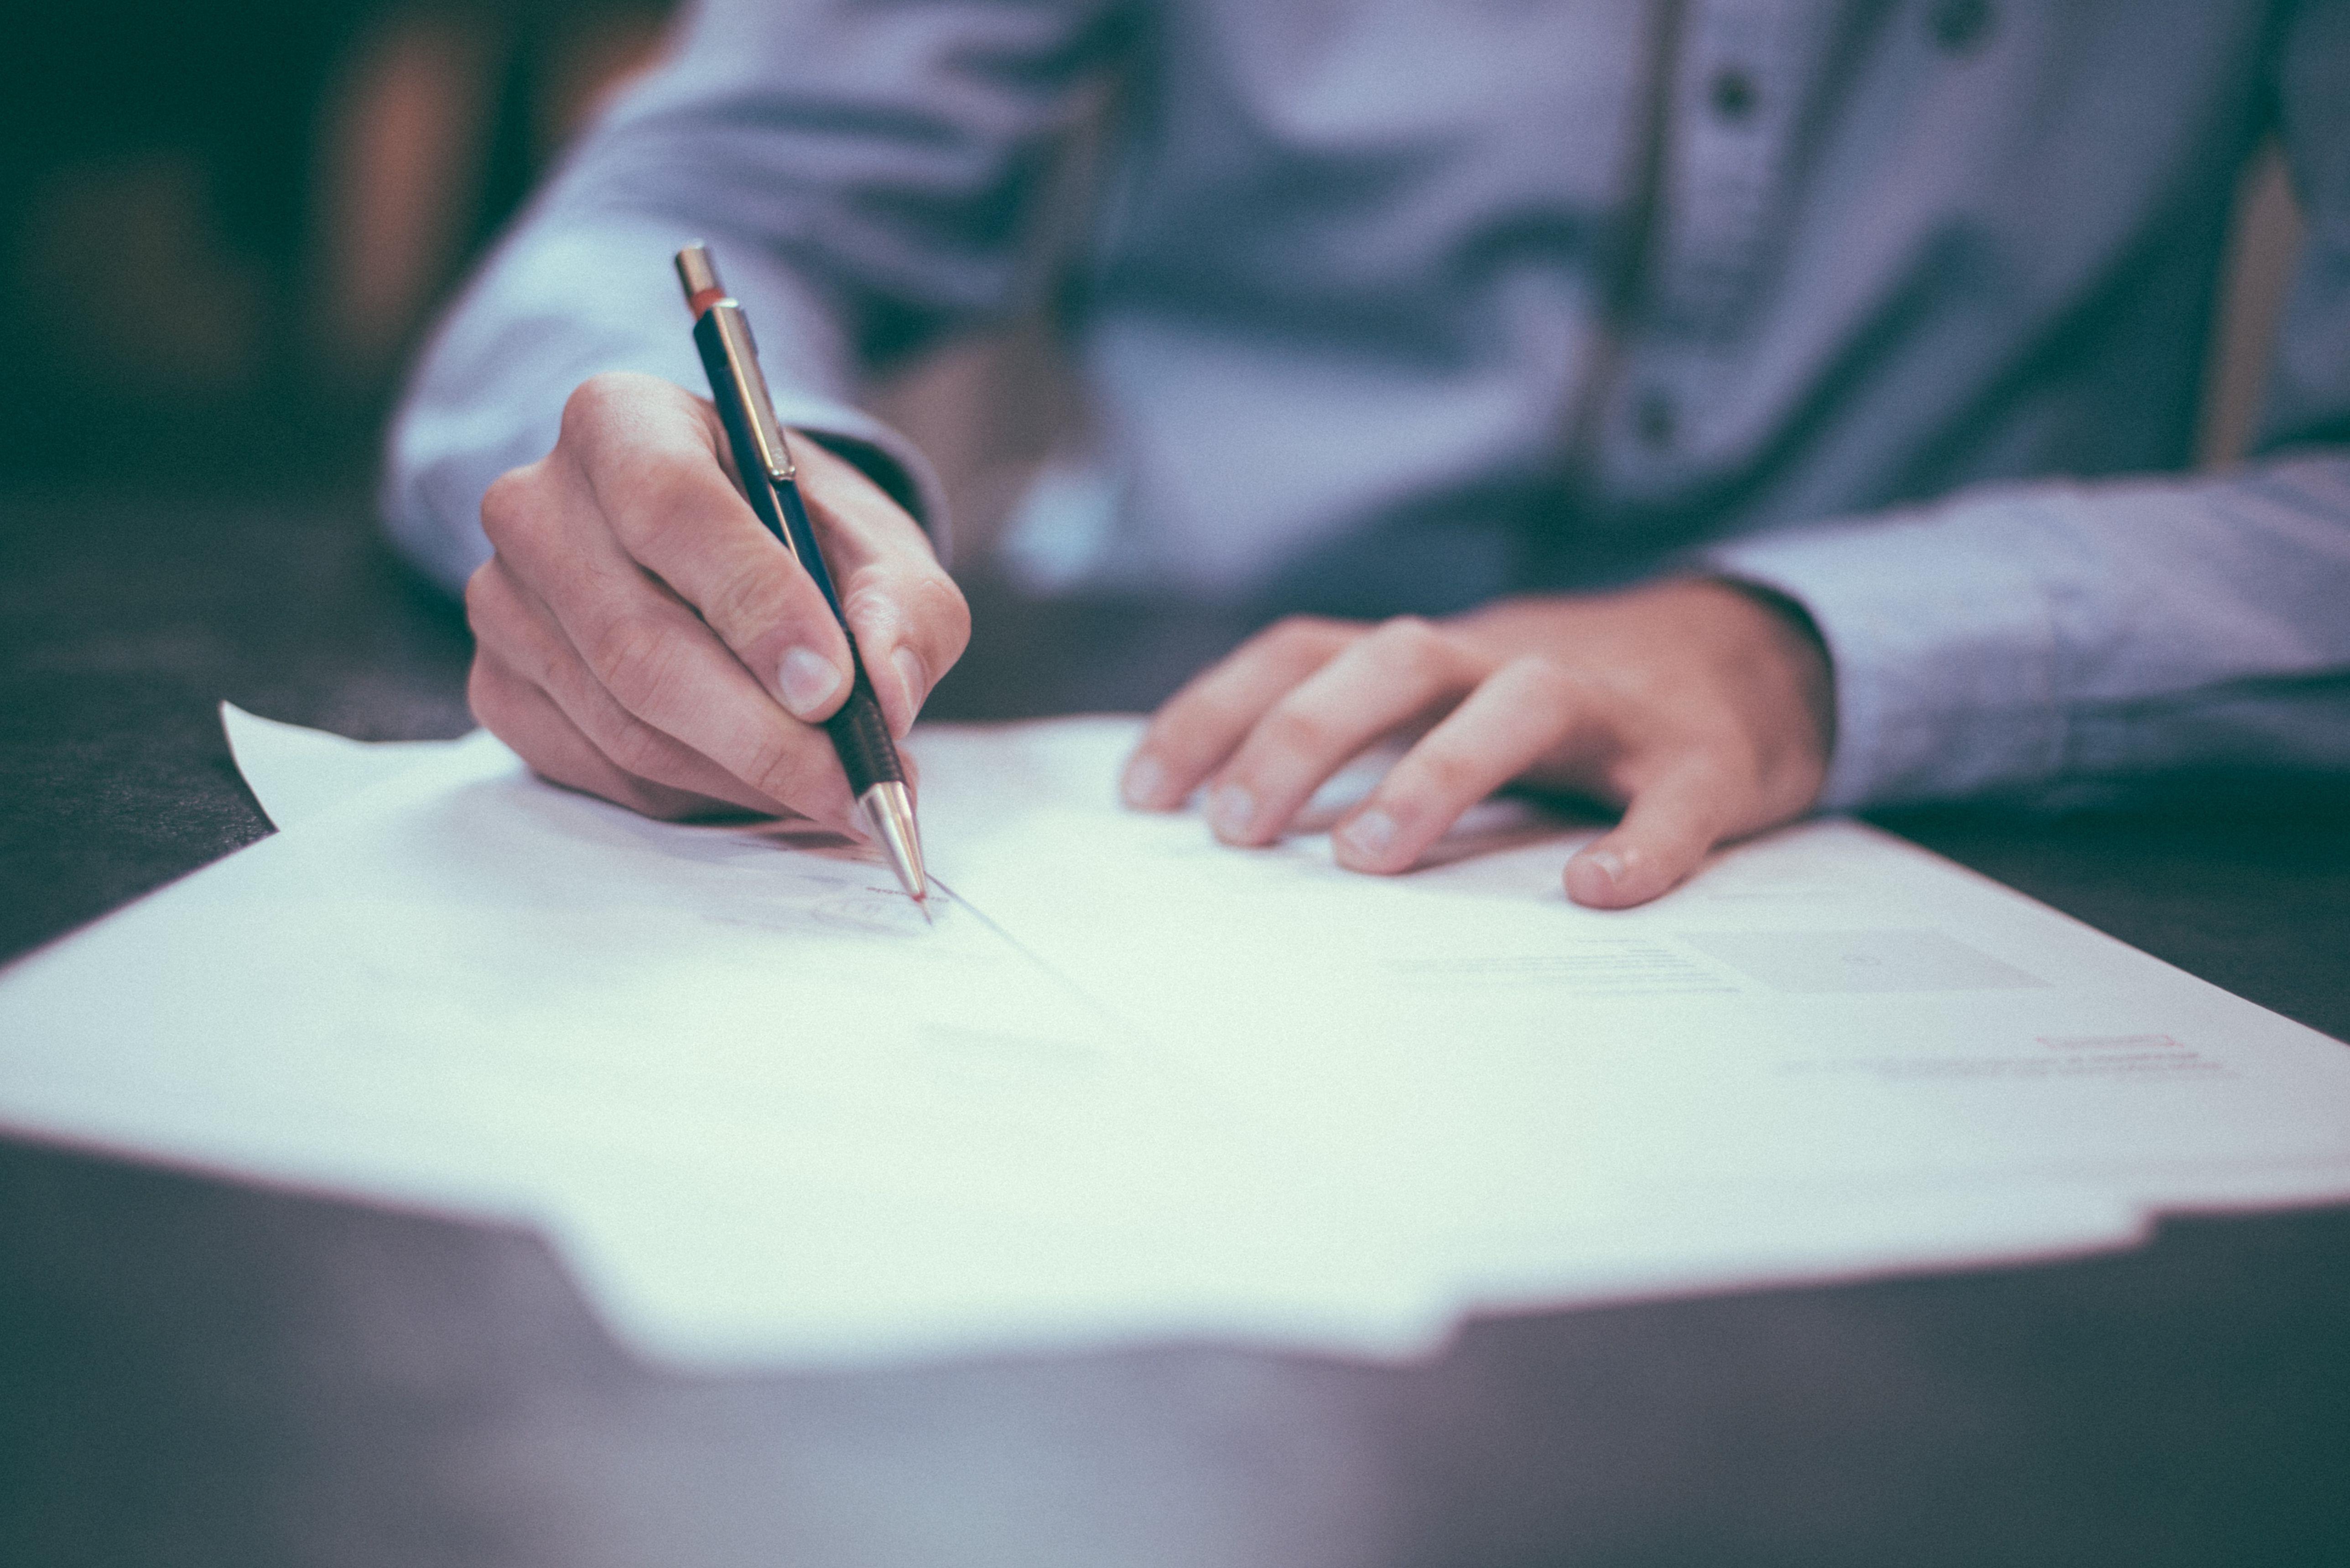 Podpisywanie umowy wirtualna asystentka